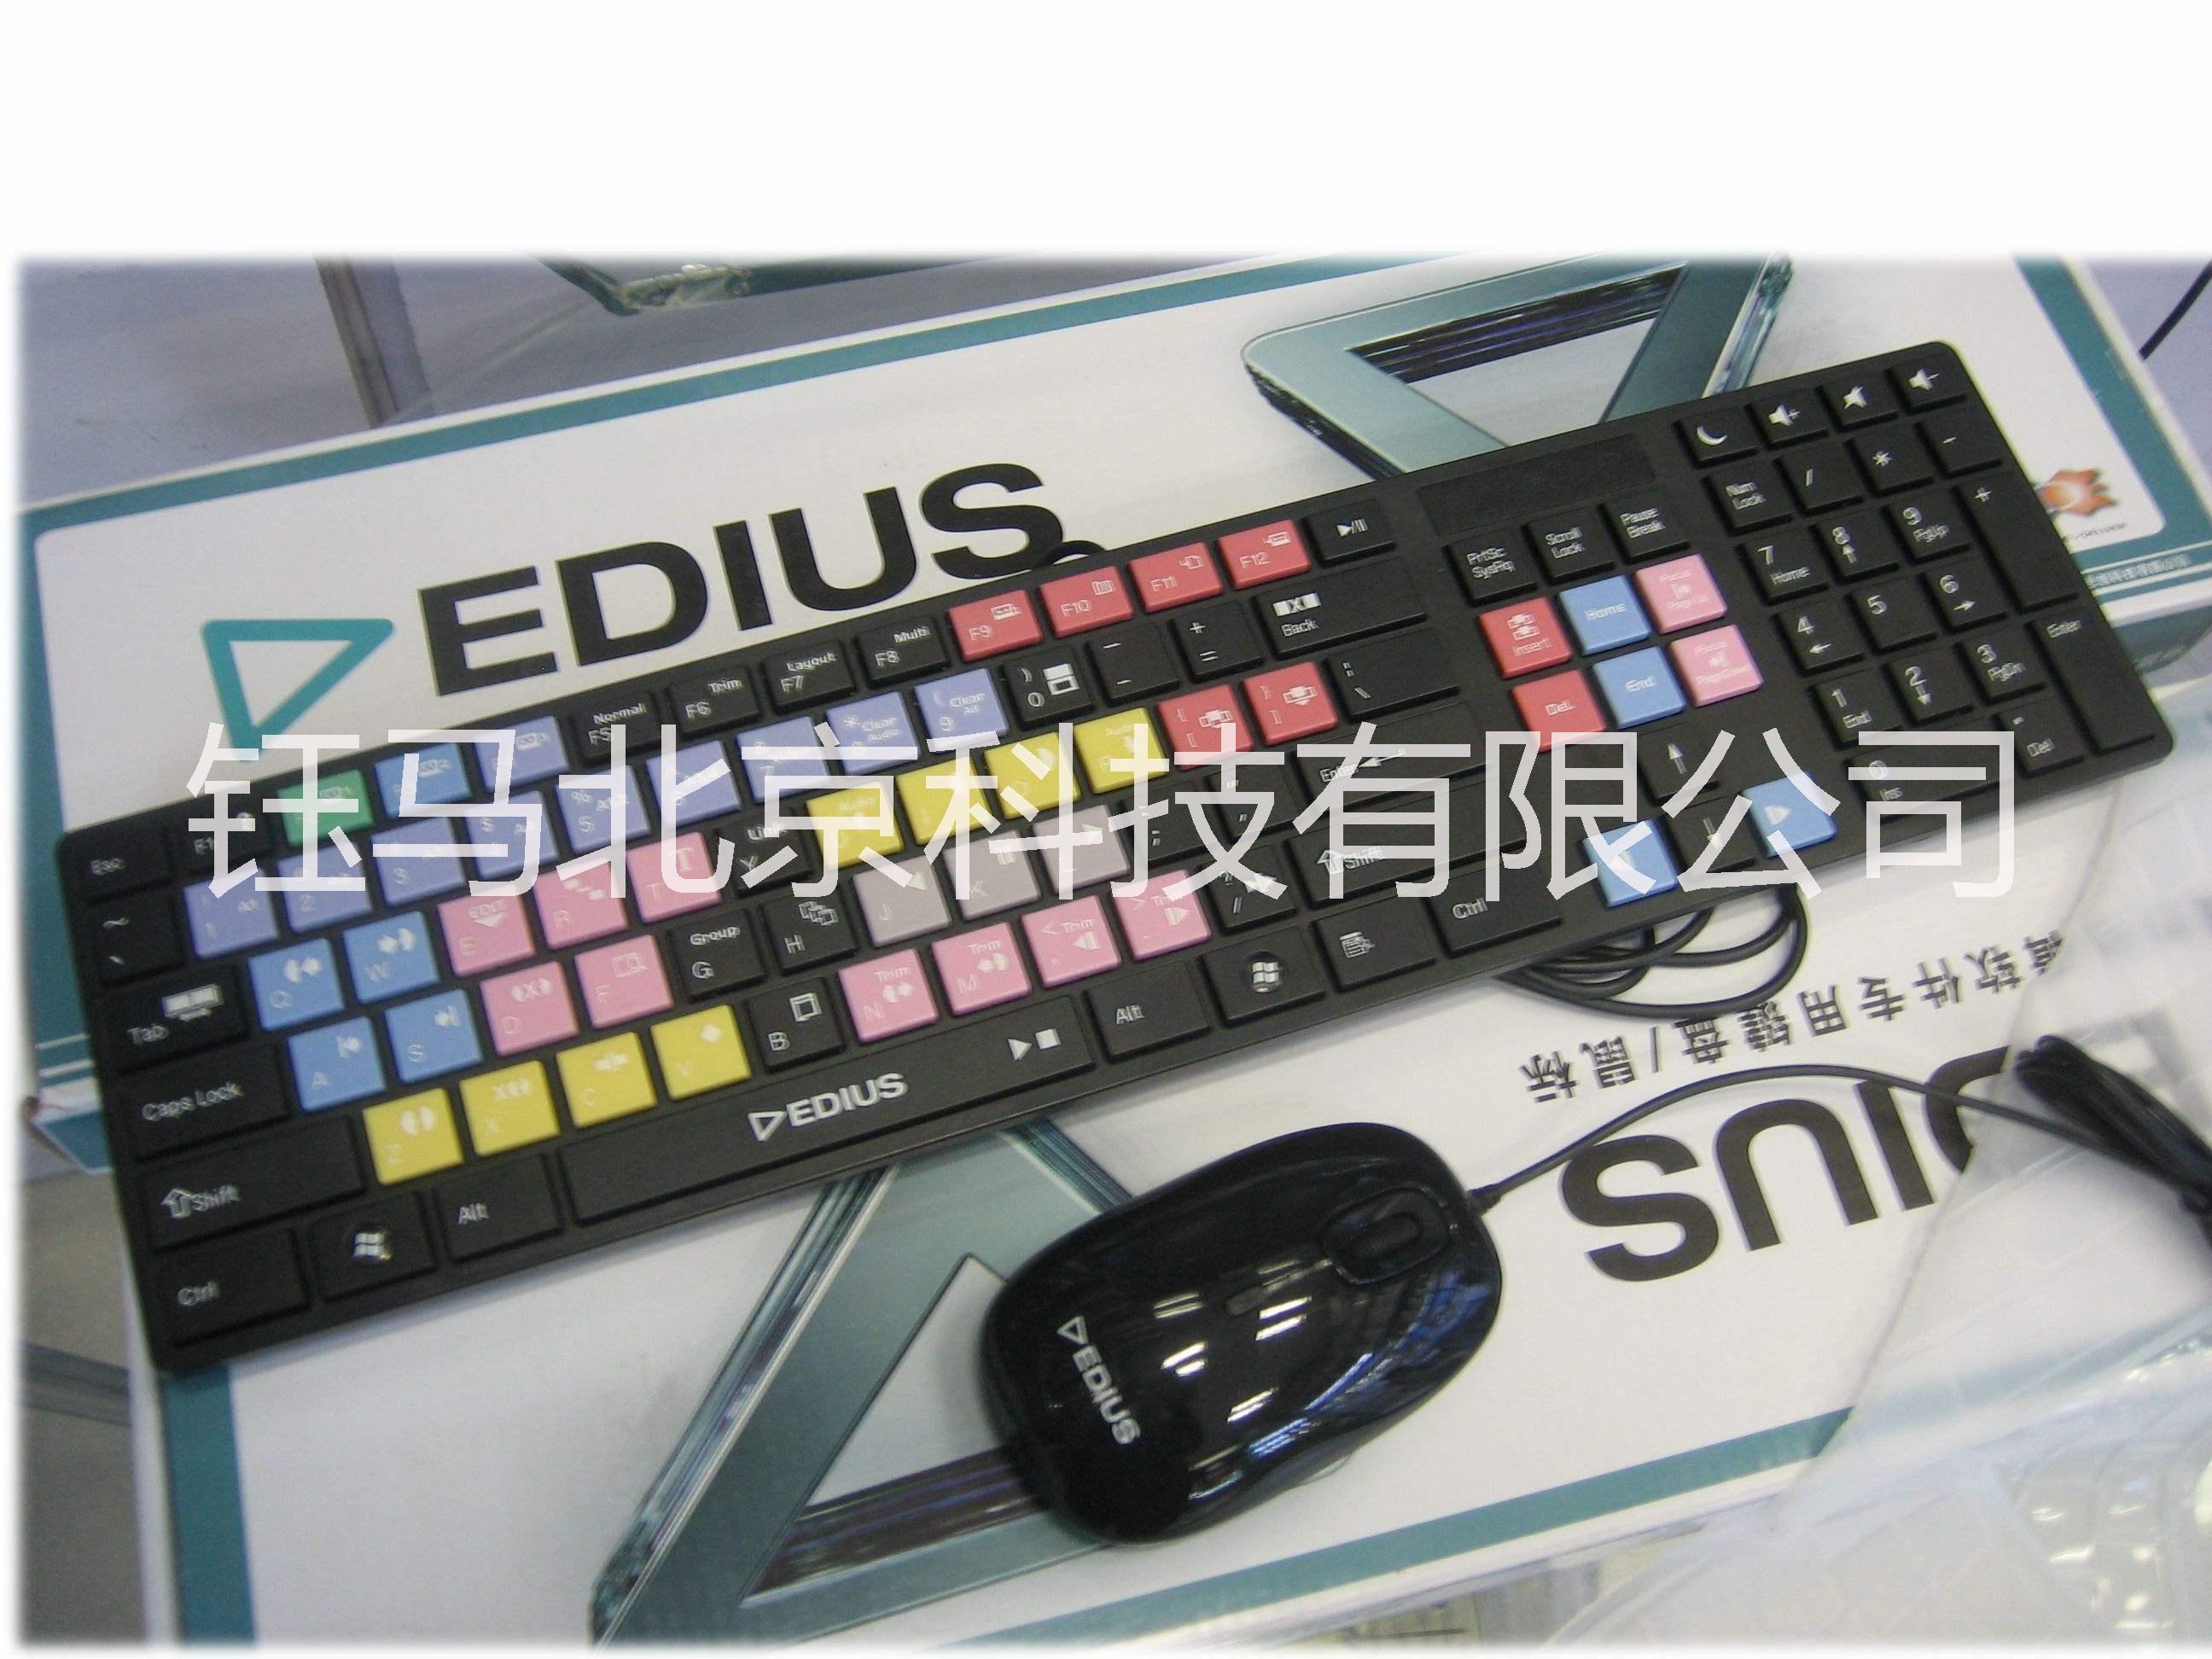 北京edius键鼠 edius键盘鼠标套装 非编专用键盘鼠标 edius键盘鼠标 非编键鼠 非编键盘鼠标